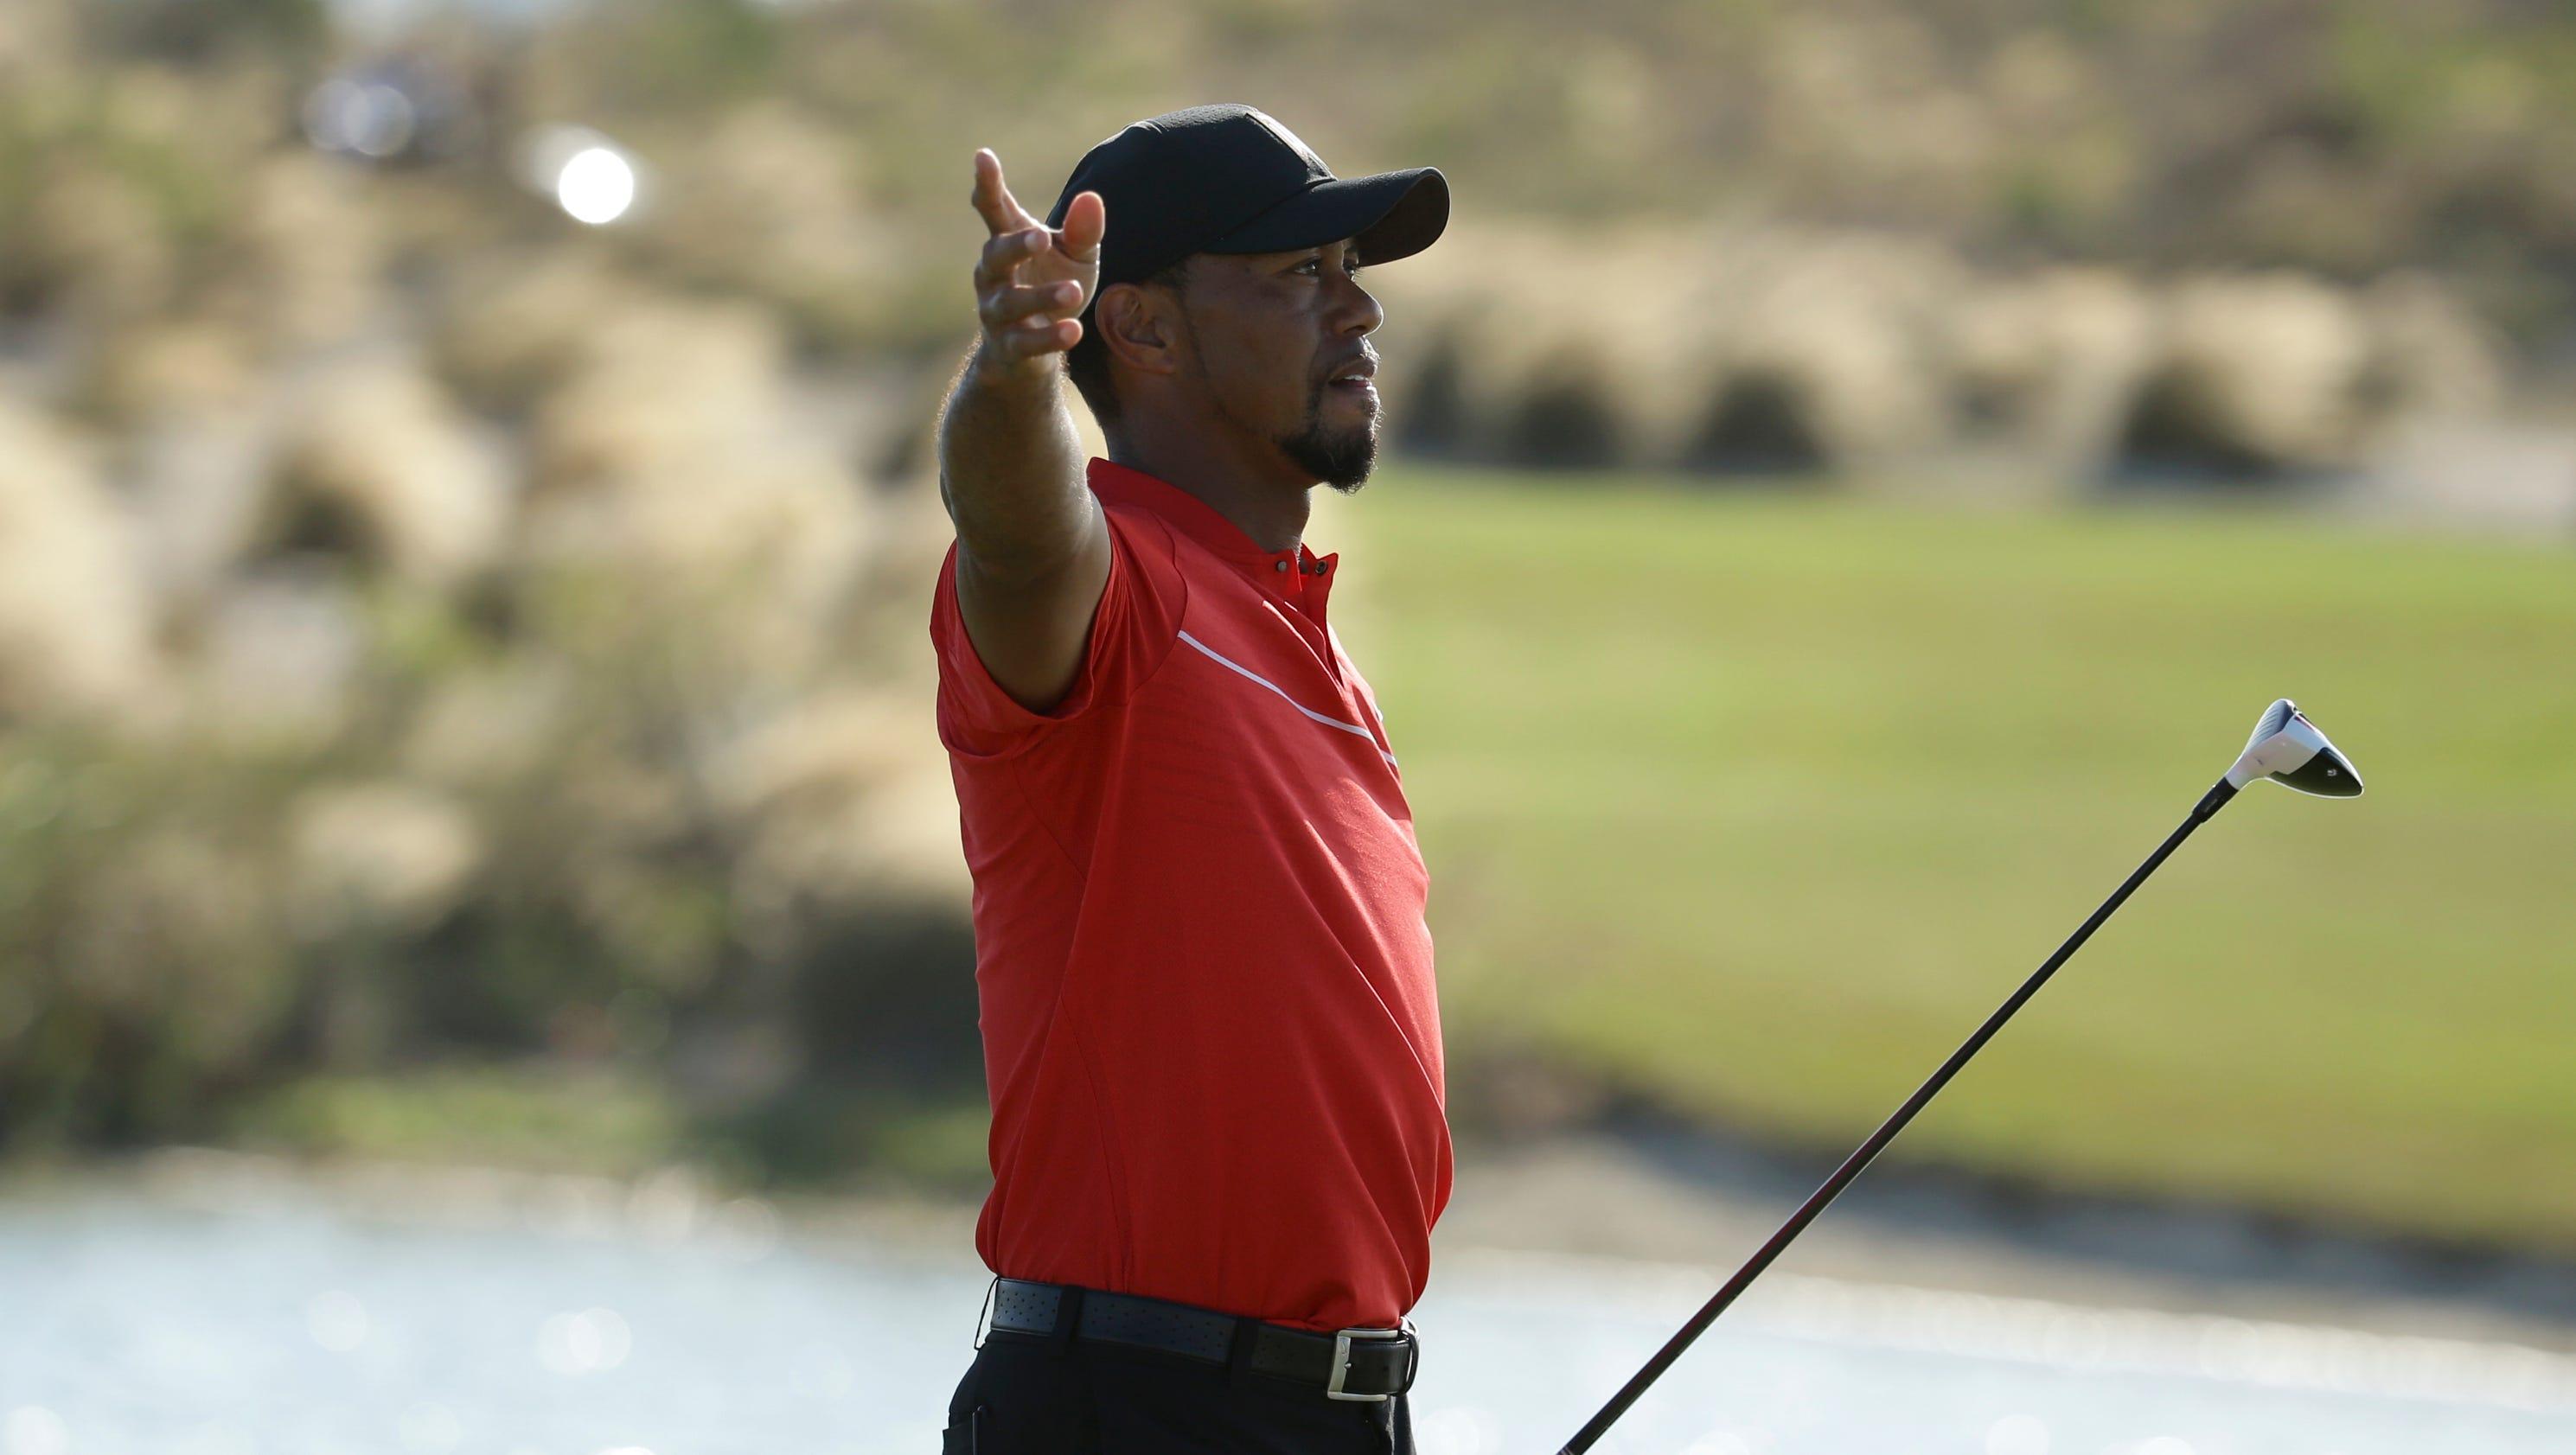 636165378322545765-ap-world-challenge-golf-87182464